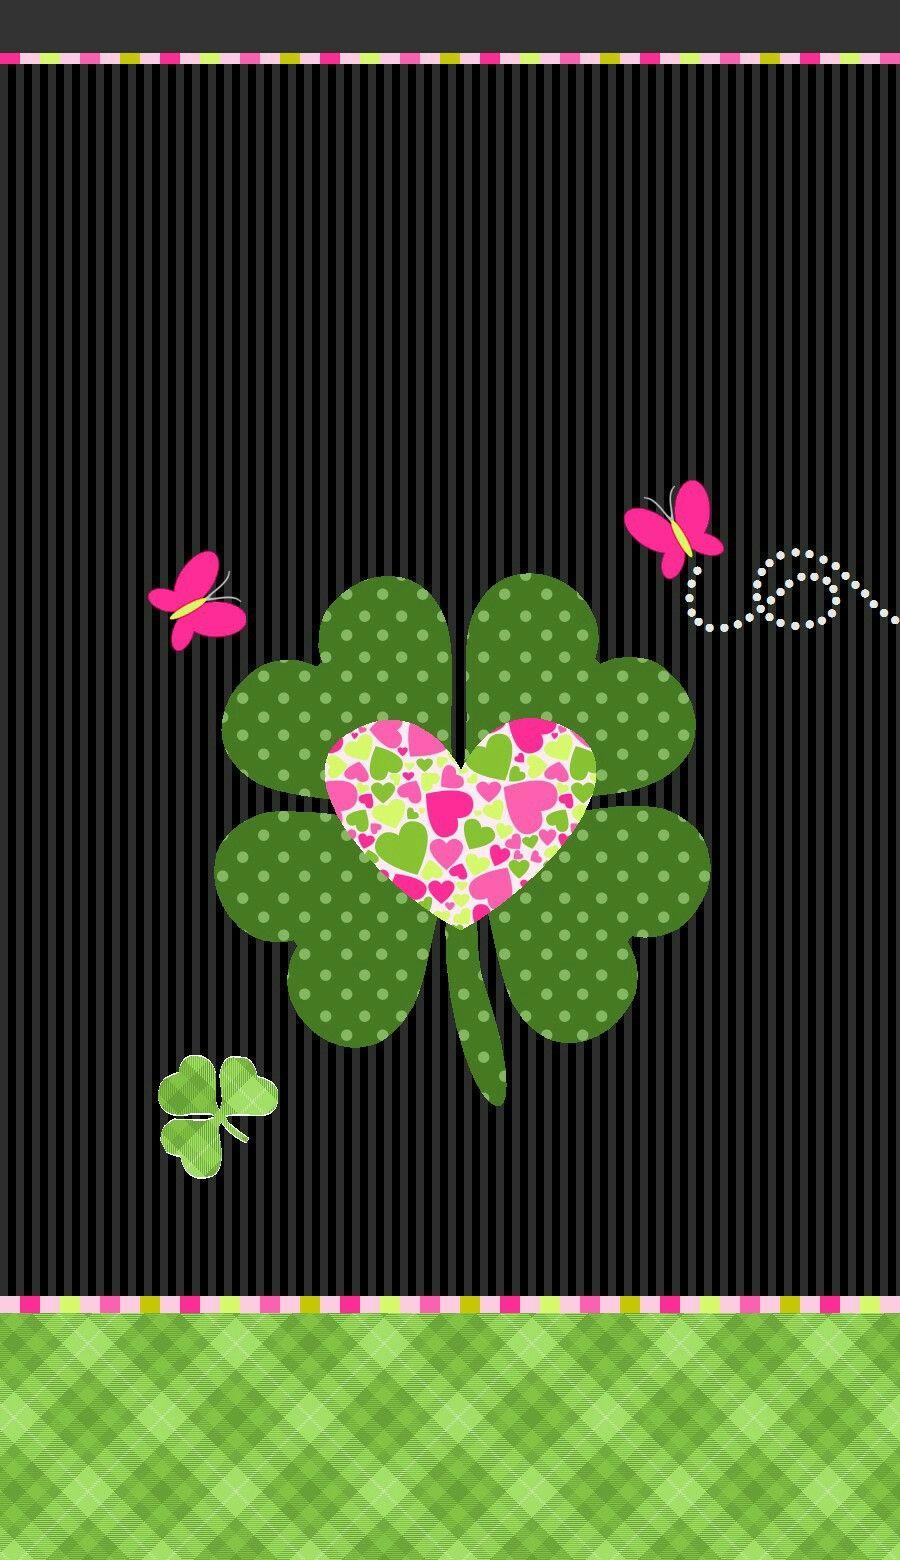 Shamrock 4 Leaf Clover Wallpaper St Patricks Day Wallpaper Iphone Wallpaper Cellphone Wallpaper